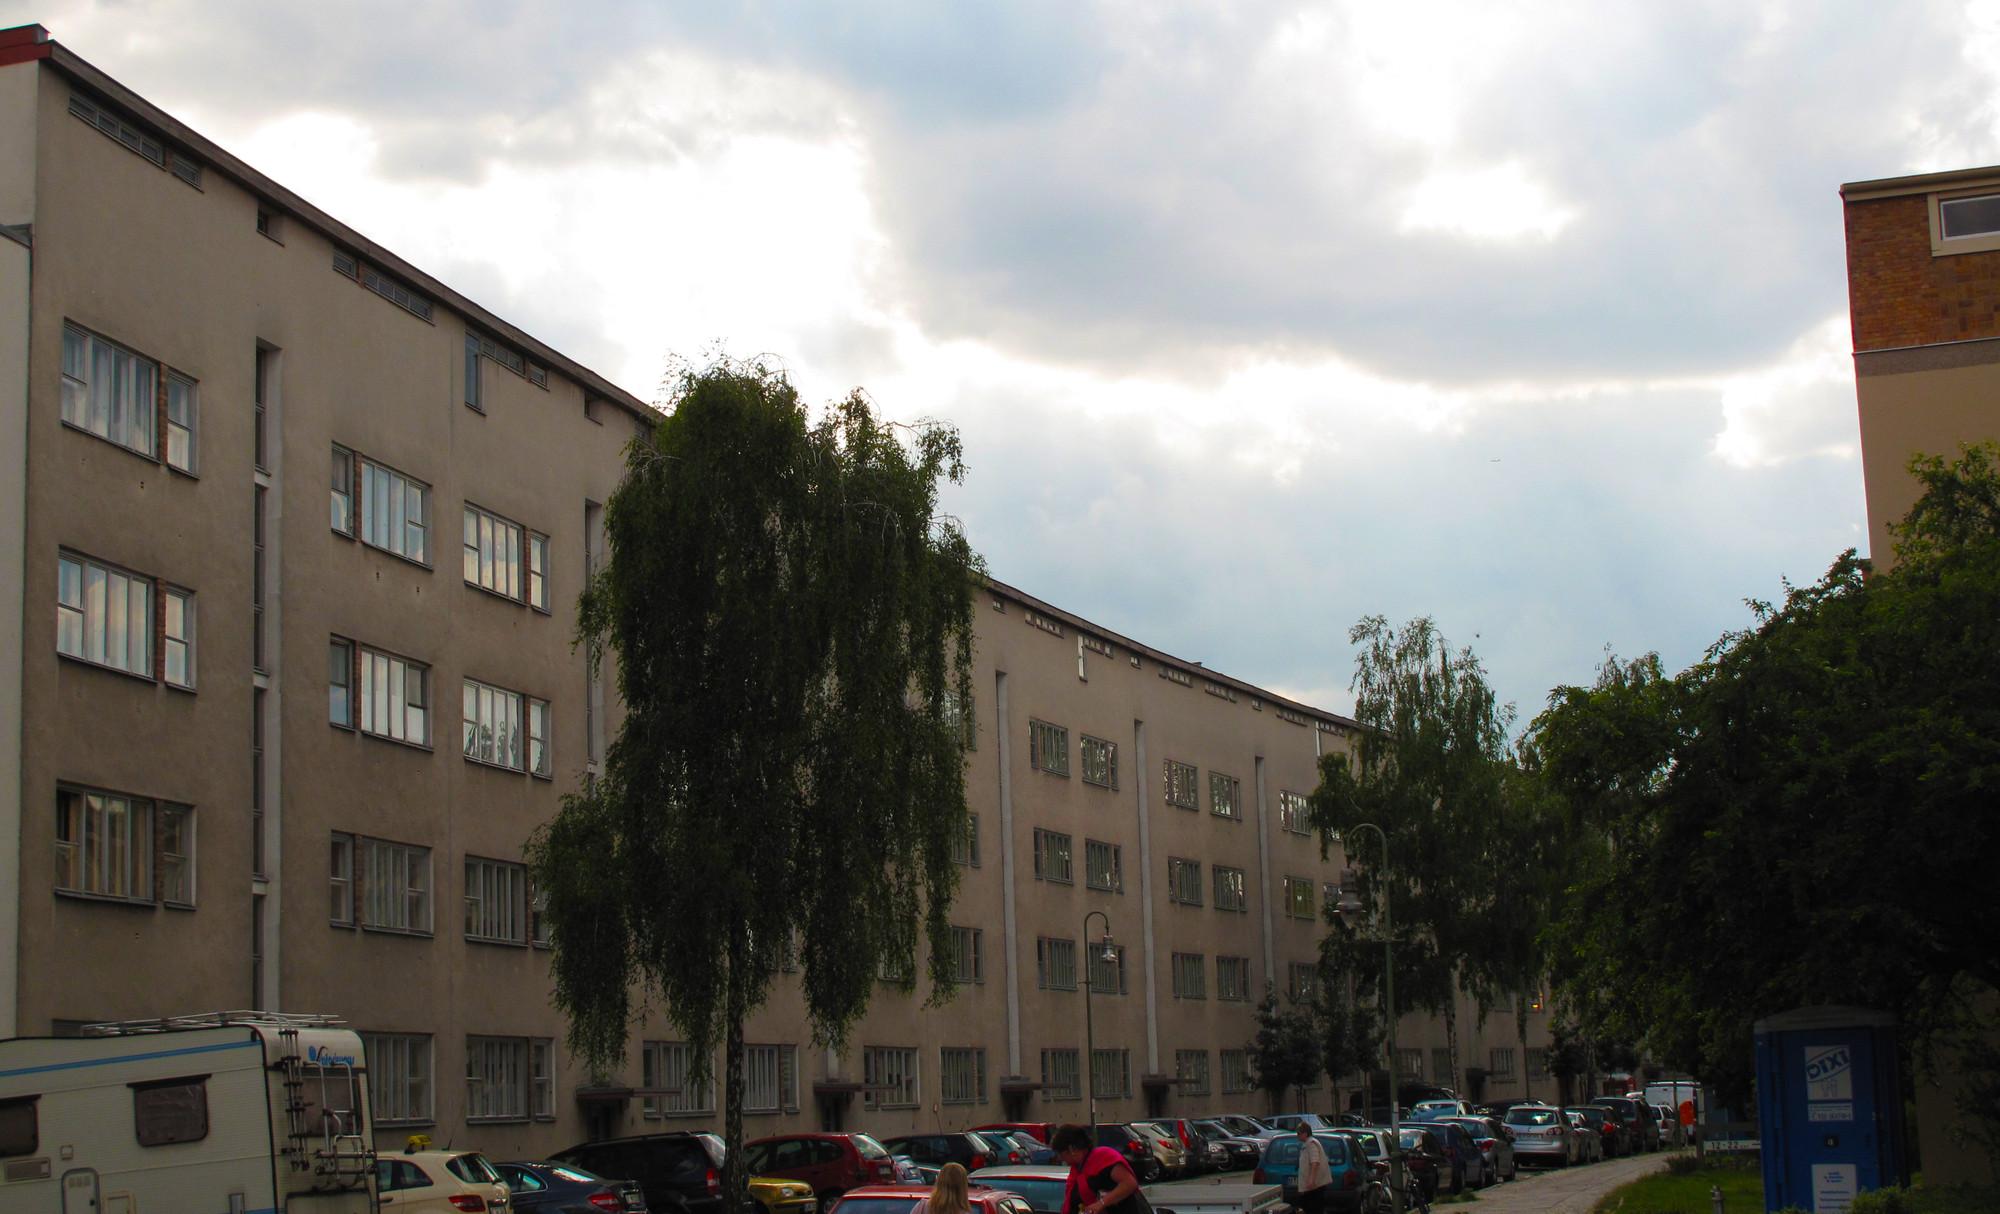 """Vista parcial de viviendas realizadas por Otto Barning, también llamado el """"largo lamento"""", en la Goebel Strasse. . Image Courtesy of Óscar Miguel Ares"""